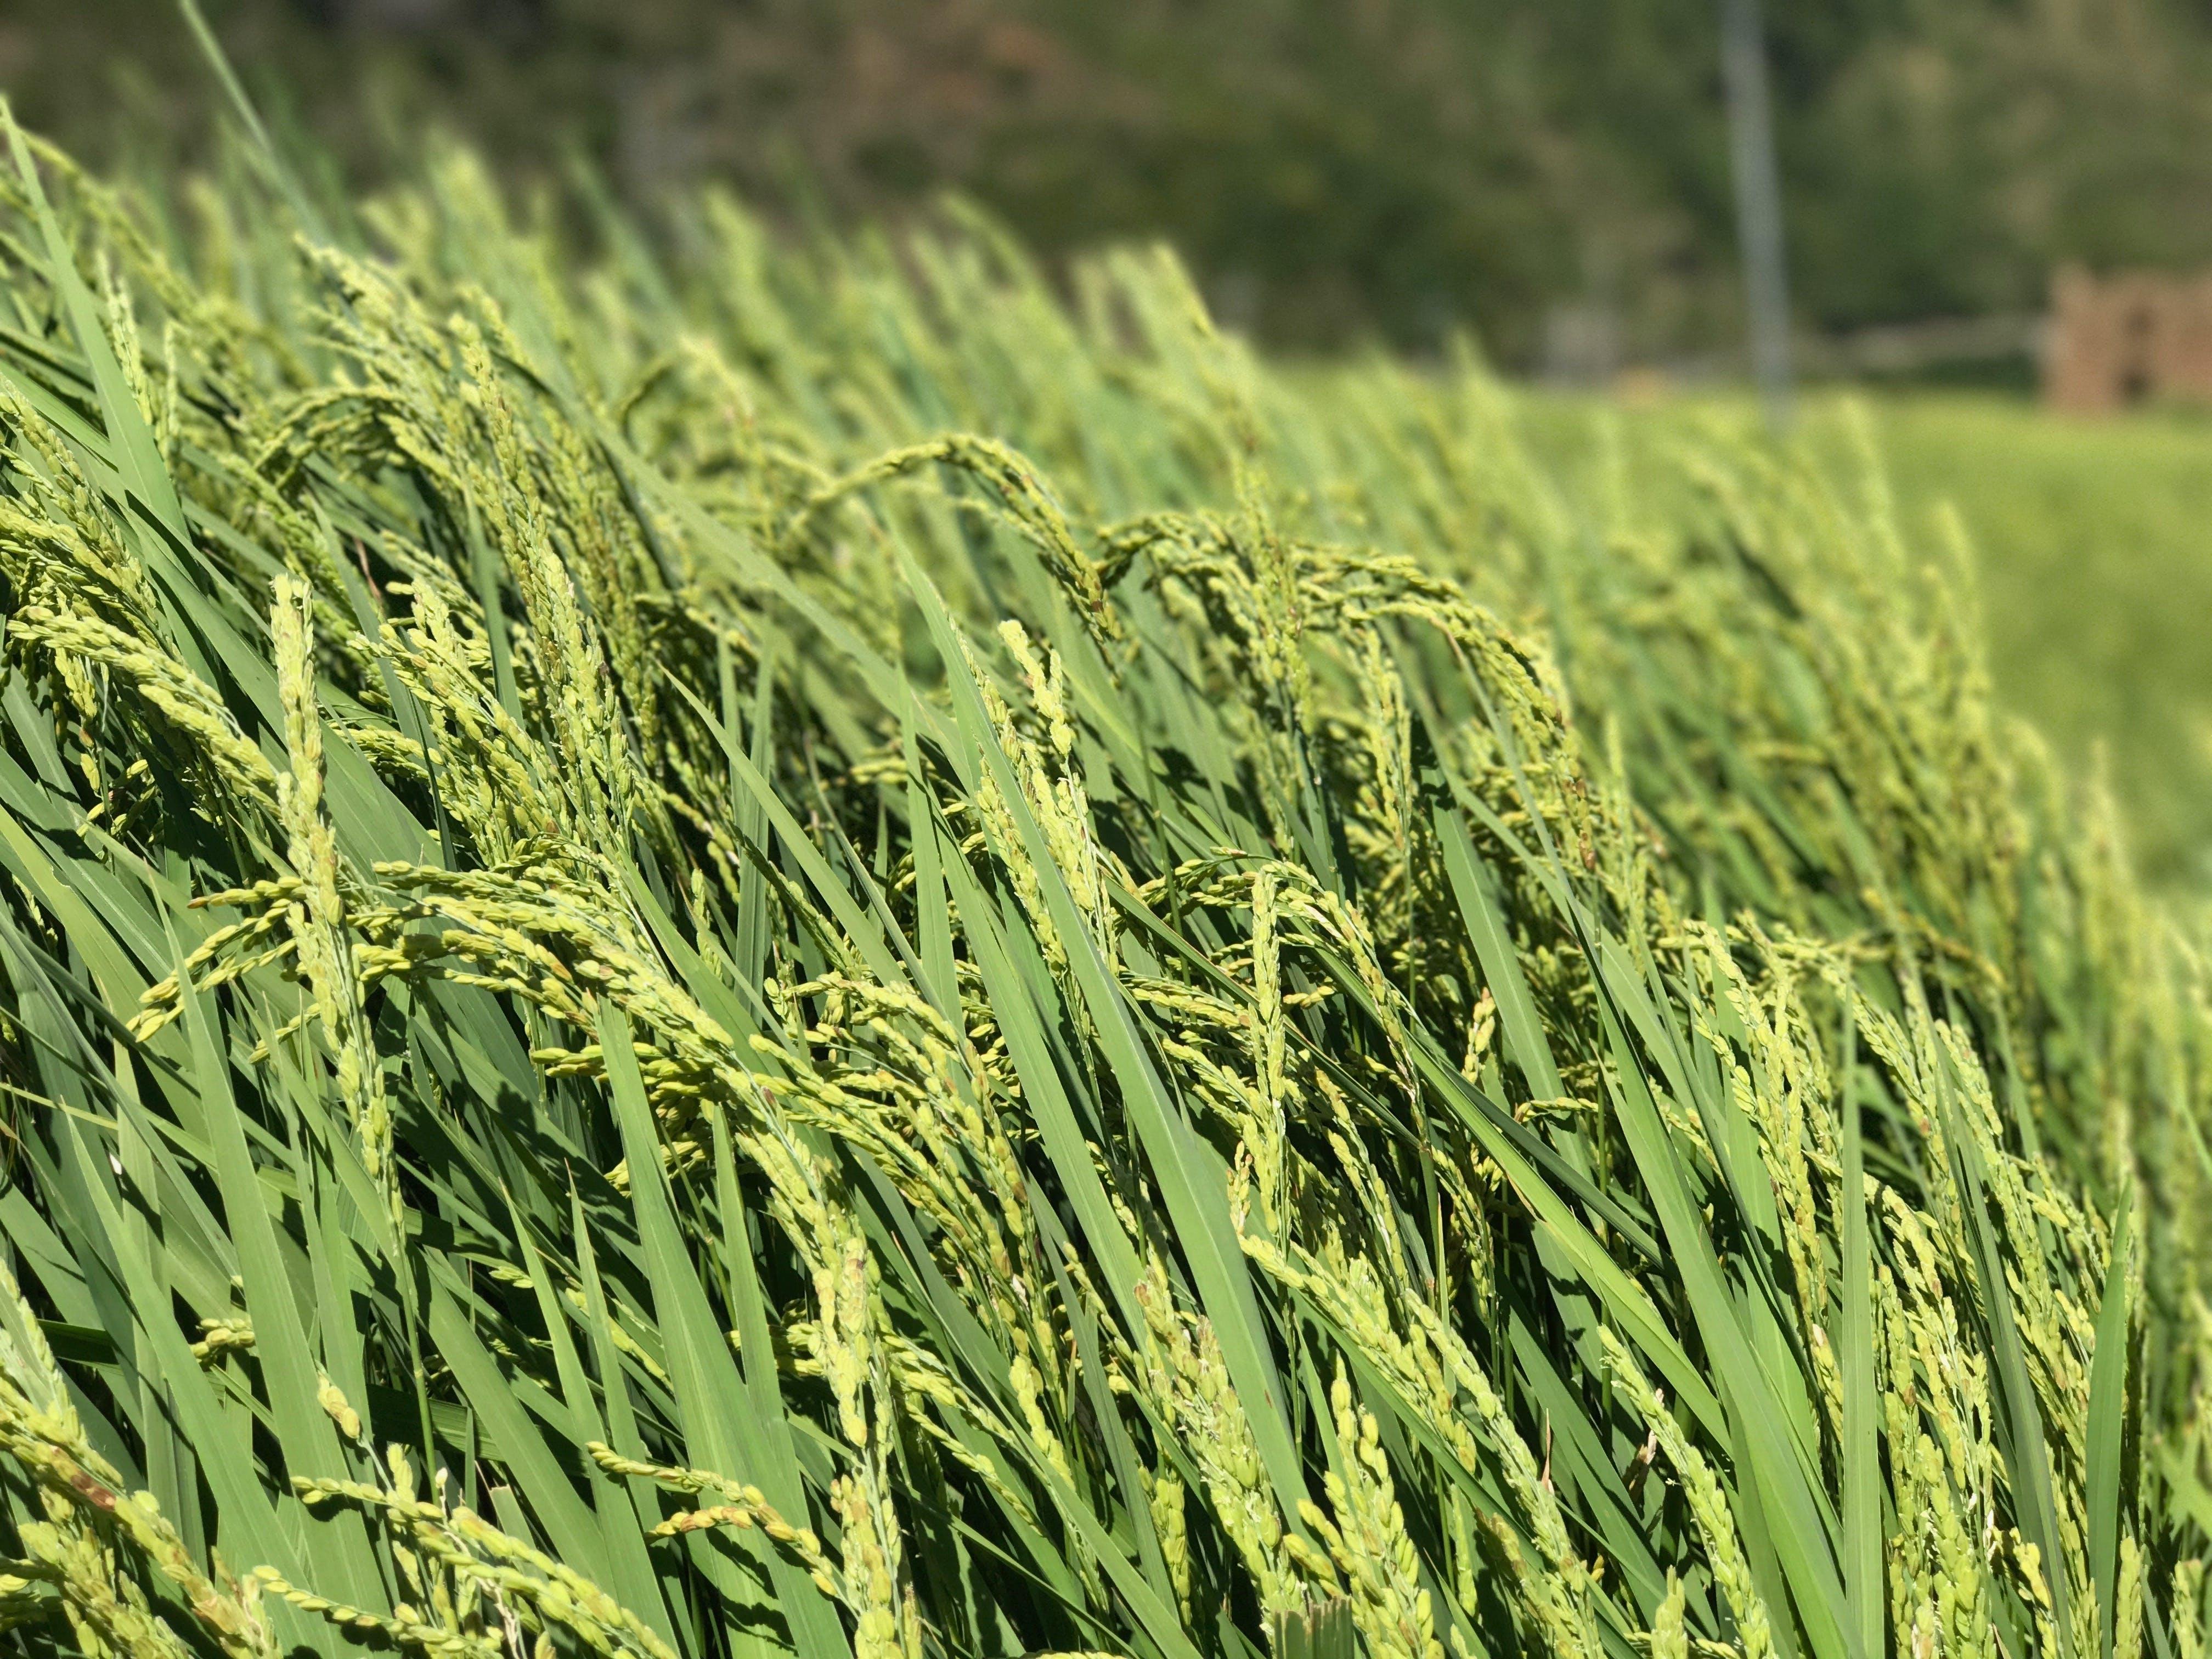 Free stock photo of Bhutan, blade of grass, grass, grass field